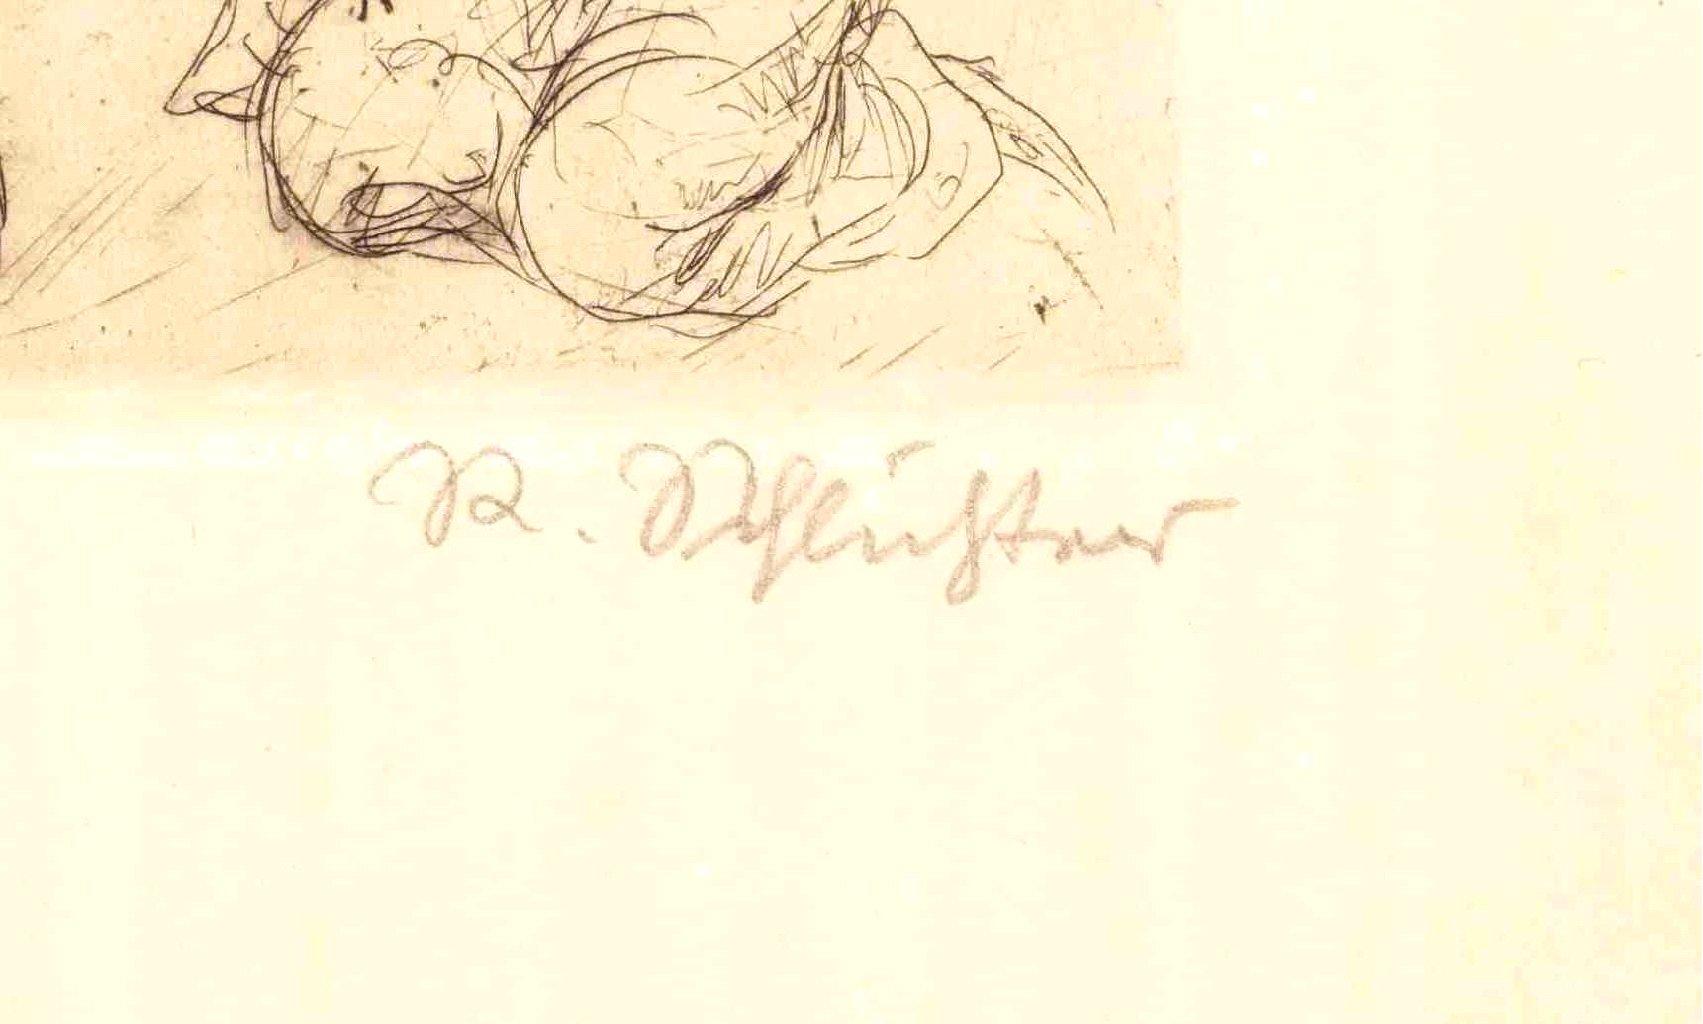 Rudolf Schlichter 1890-1955. Die Angebetete-2